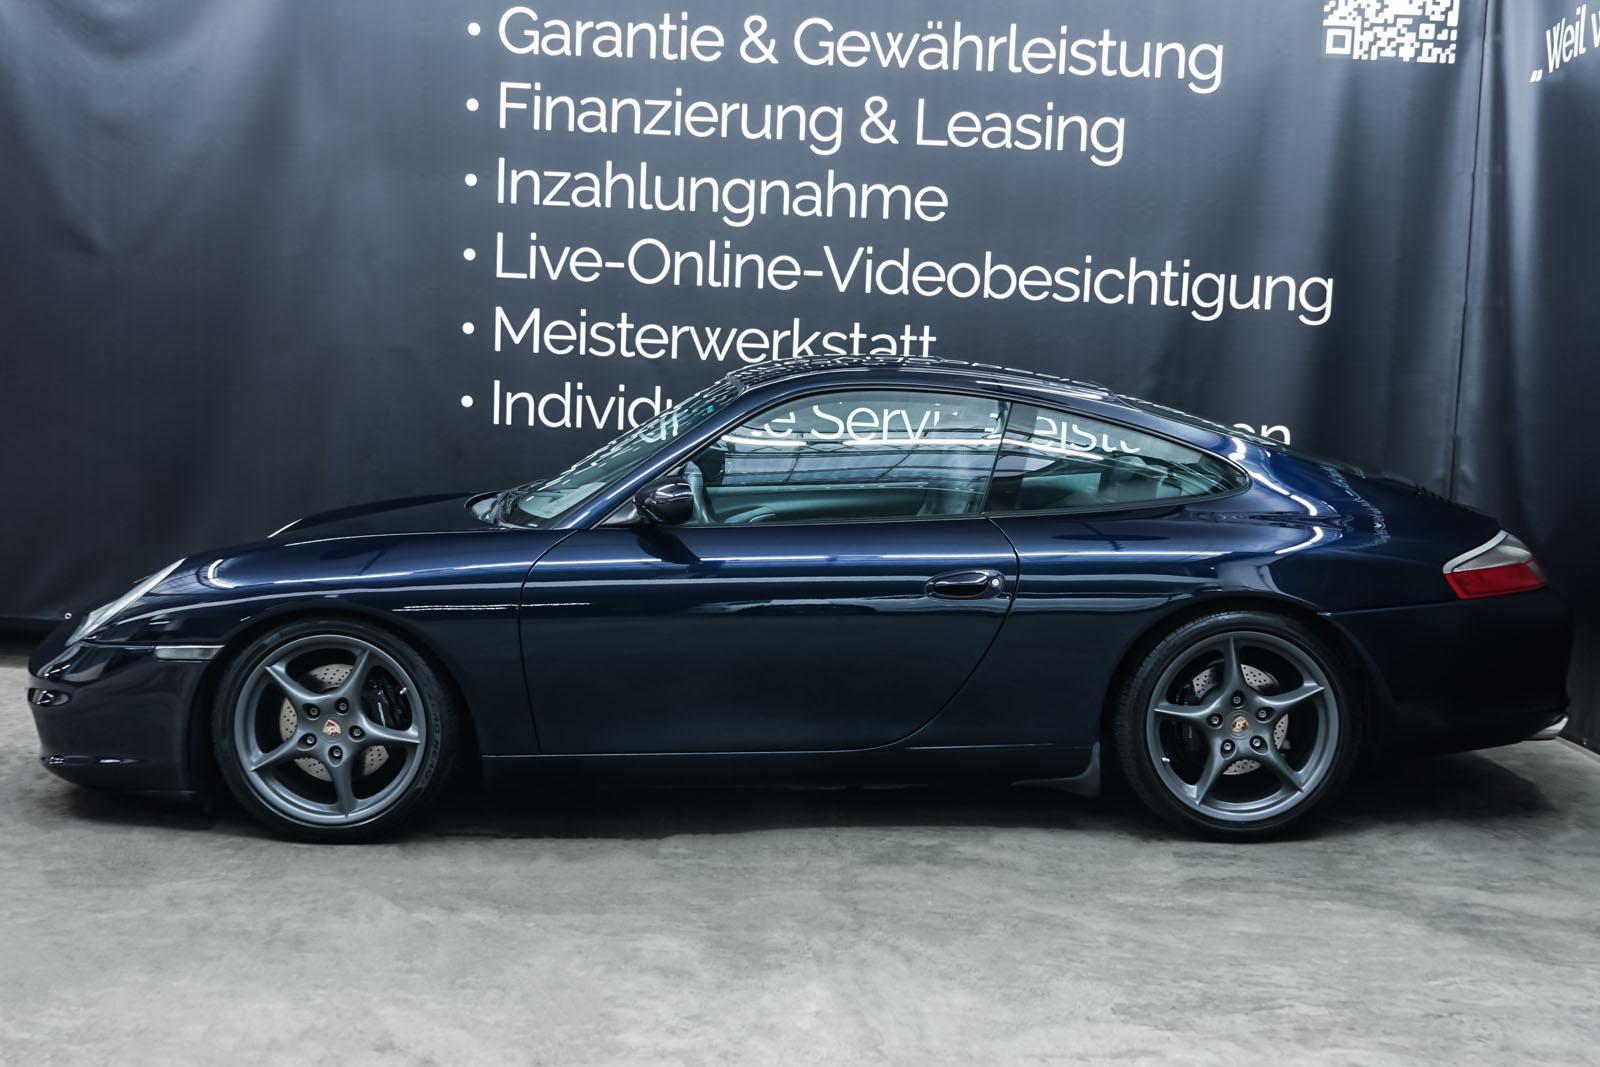 Porsche_996_Dunkelblau_Grau_POR-4337_5_w